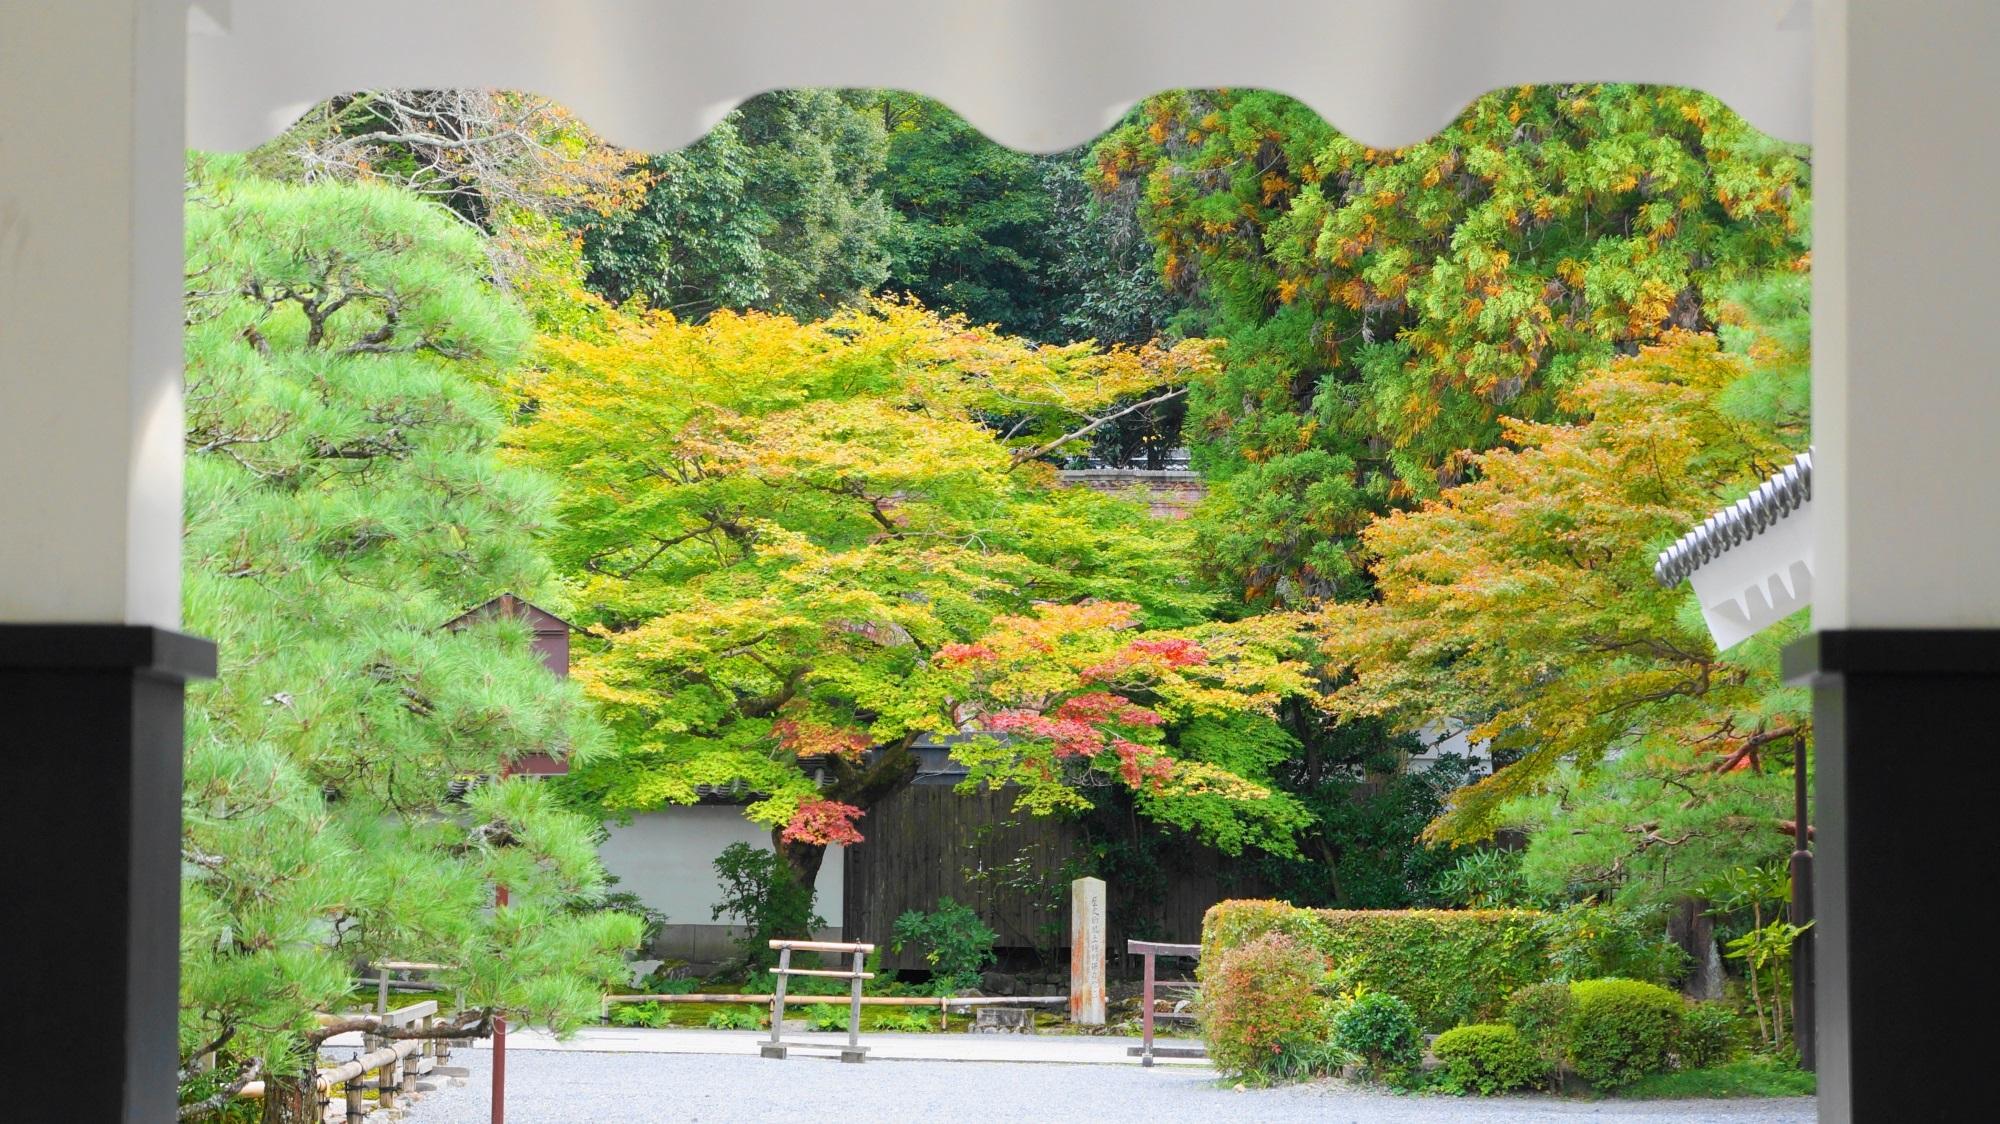 南禅寺 水路閣と青もみじ 秋色に色づき始め